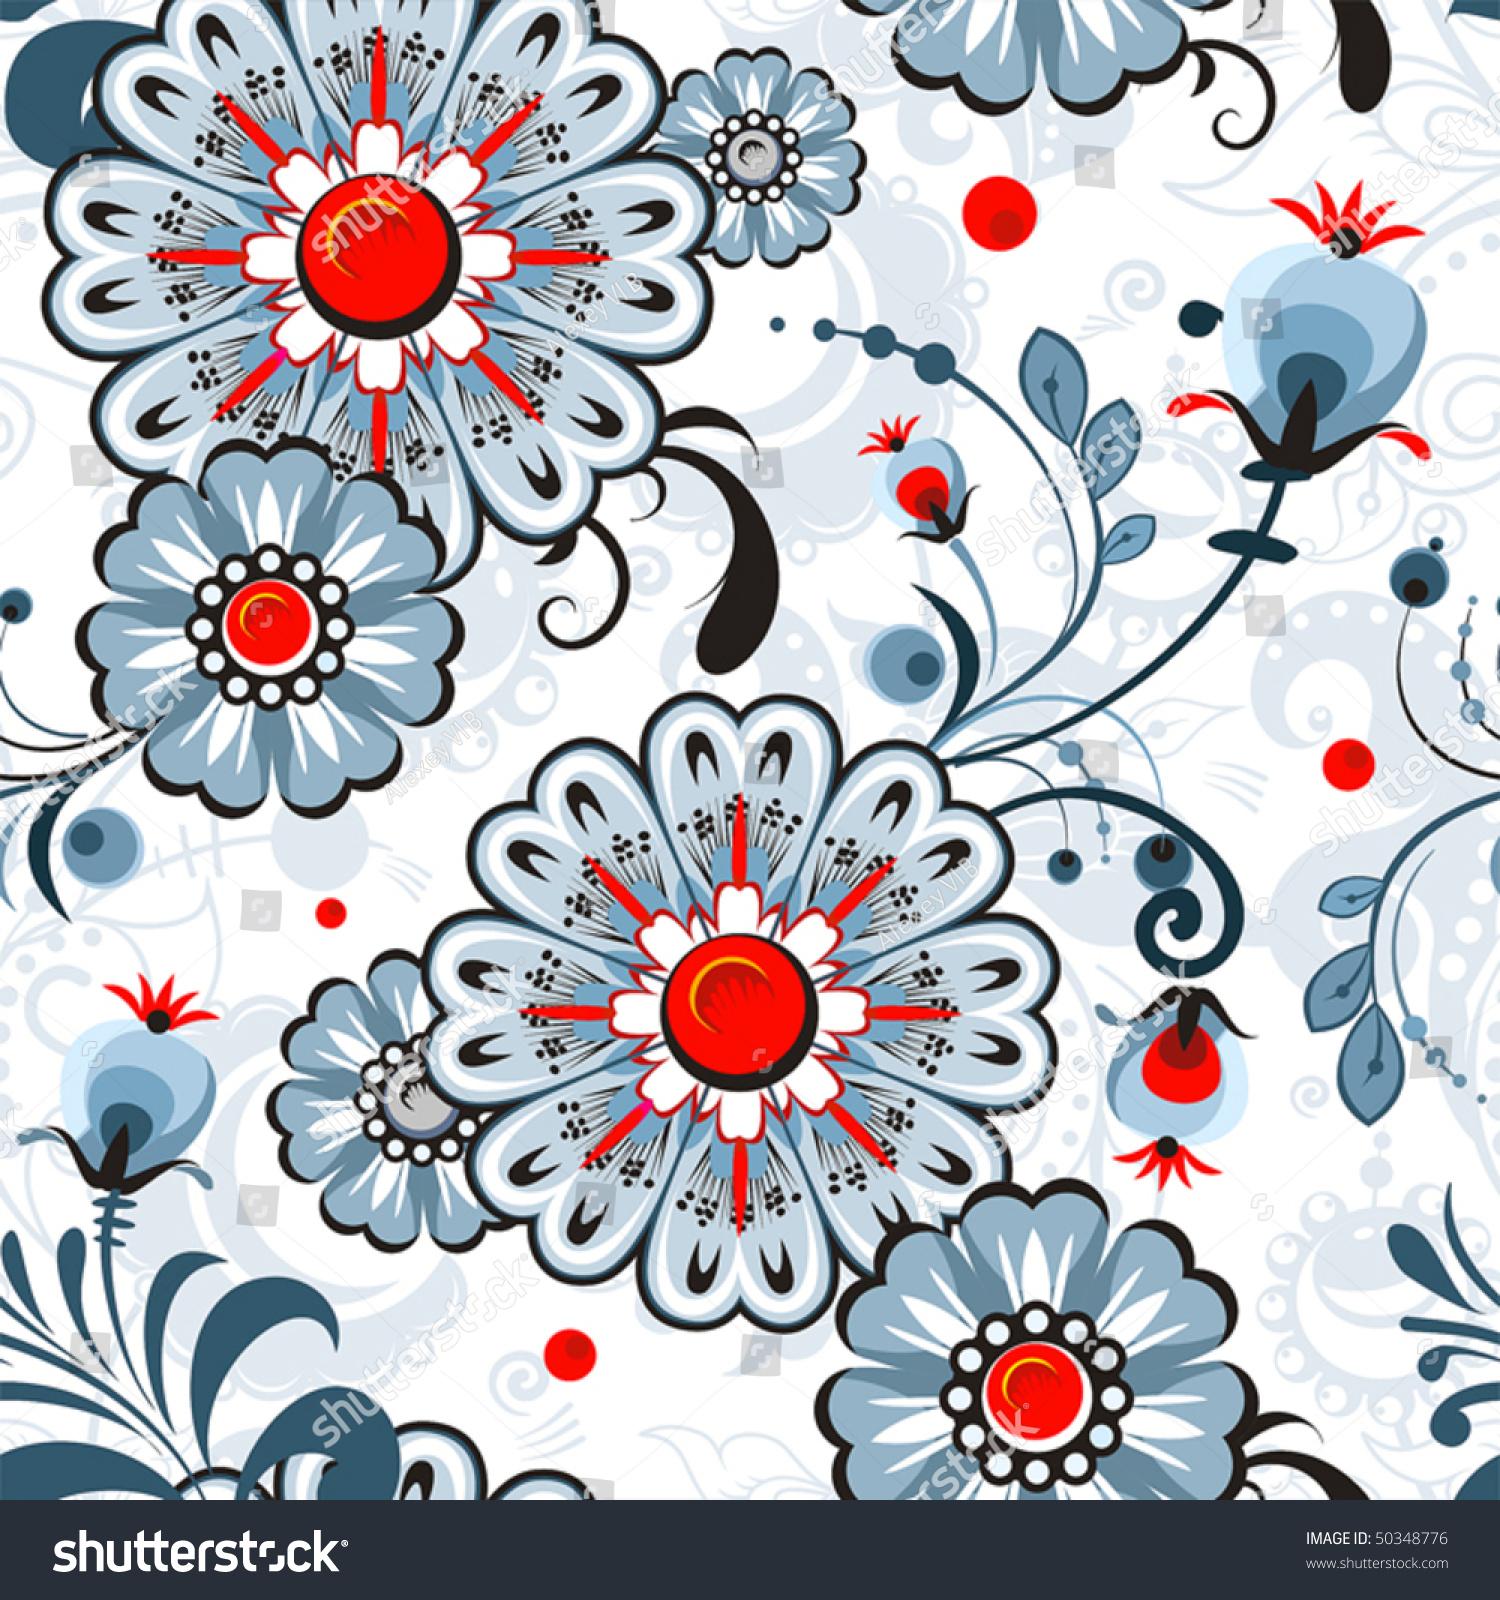 抽象的优雅无缝的花卉图案.美丽的花矢量插图纹理